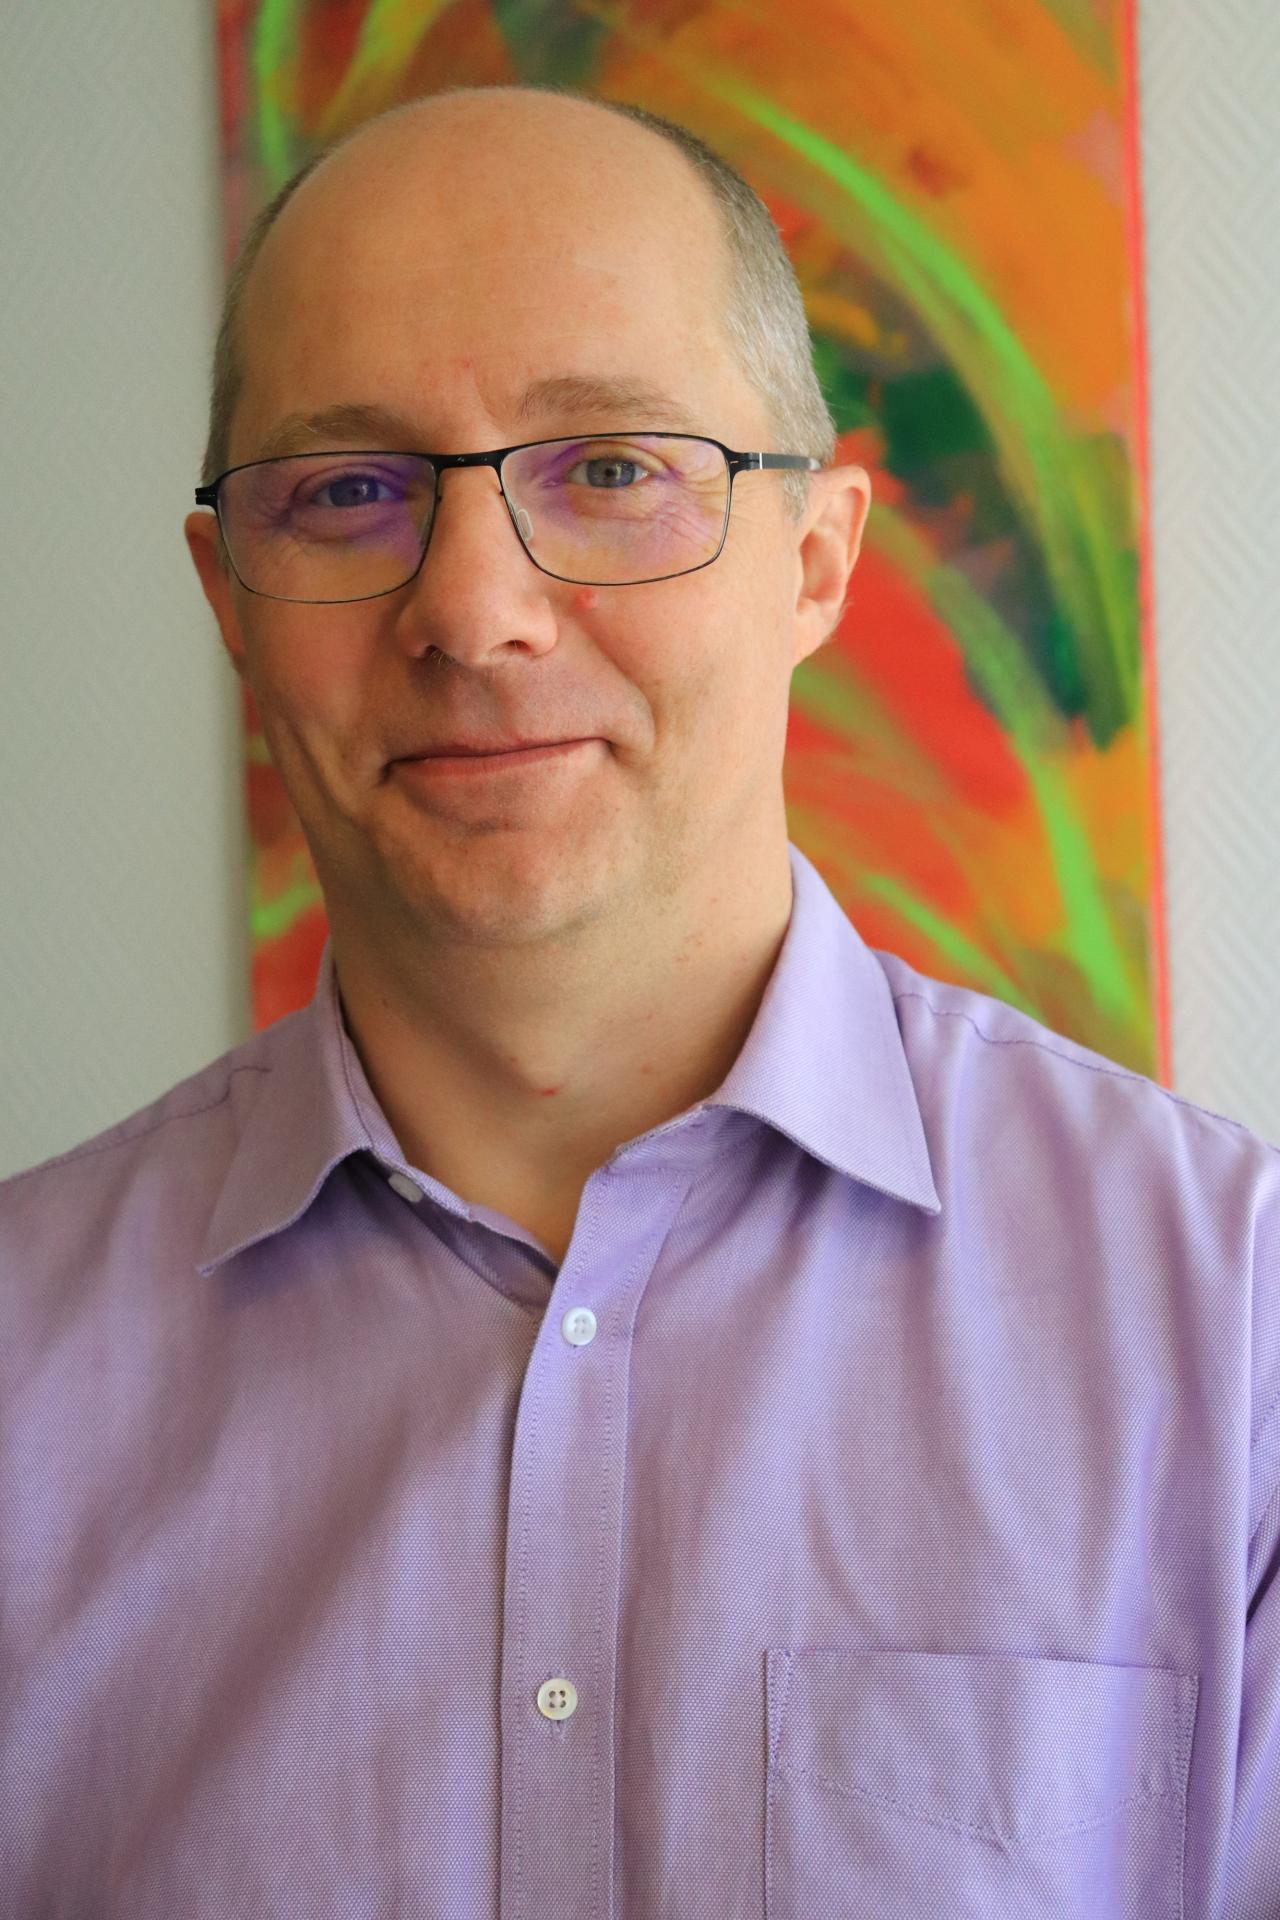 Jérôme V., Formateur en bureautique et Développement Vba